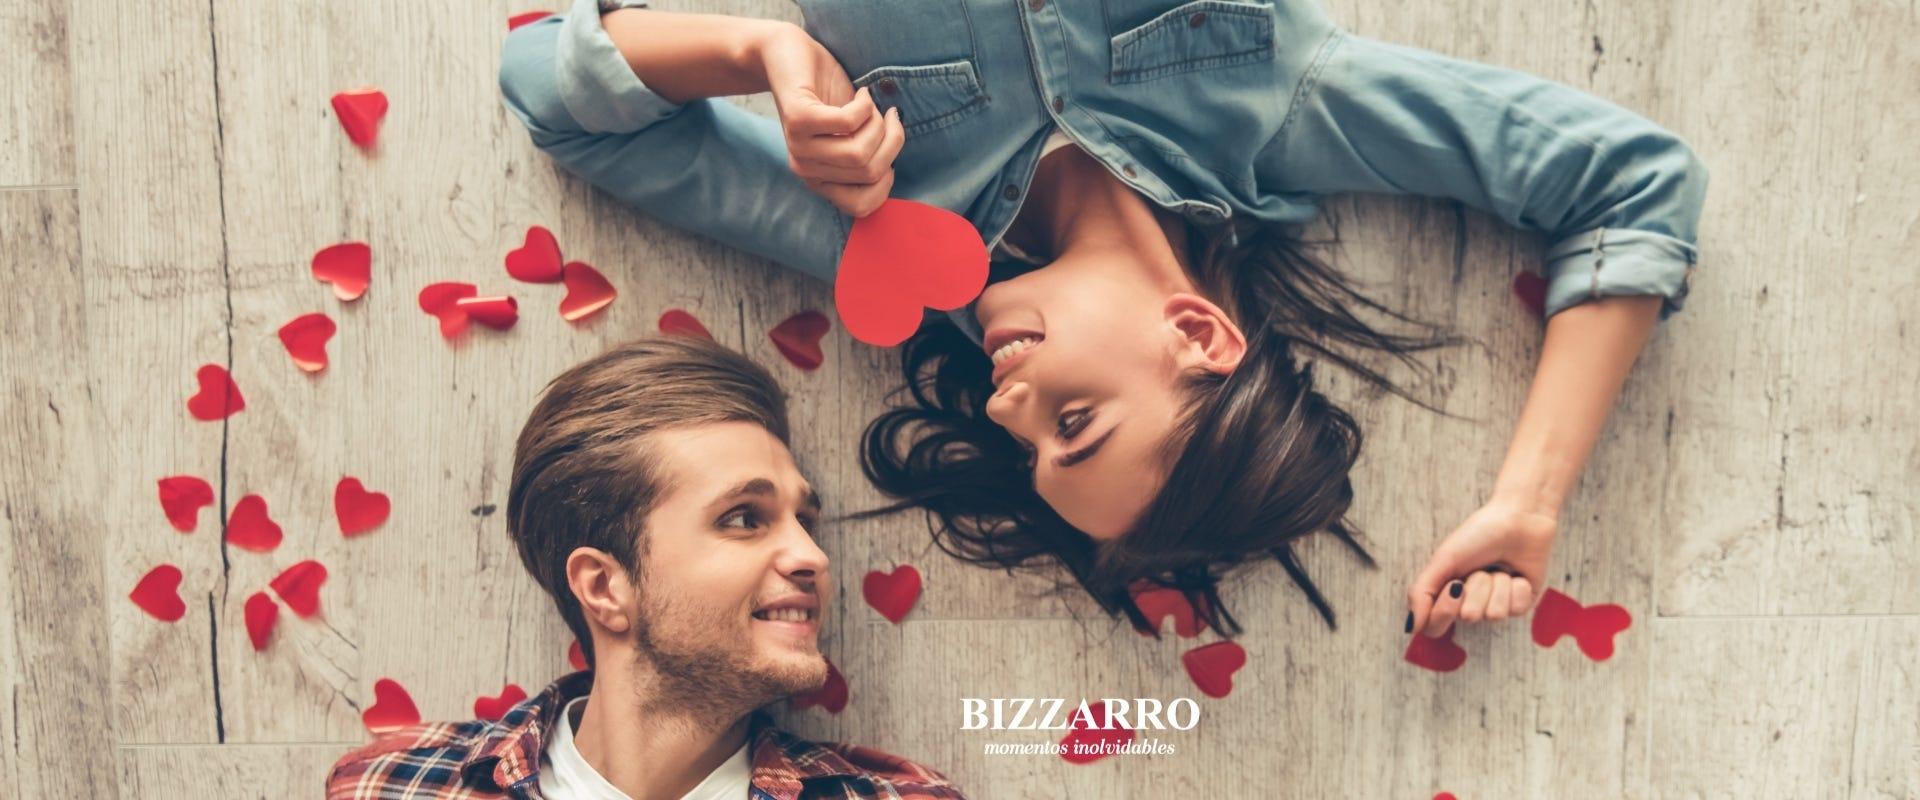 BIZZARRO tiene los regalos más románticos para el 14 de febrero